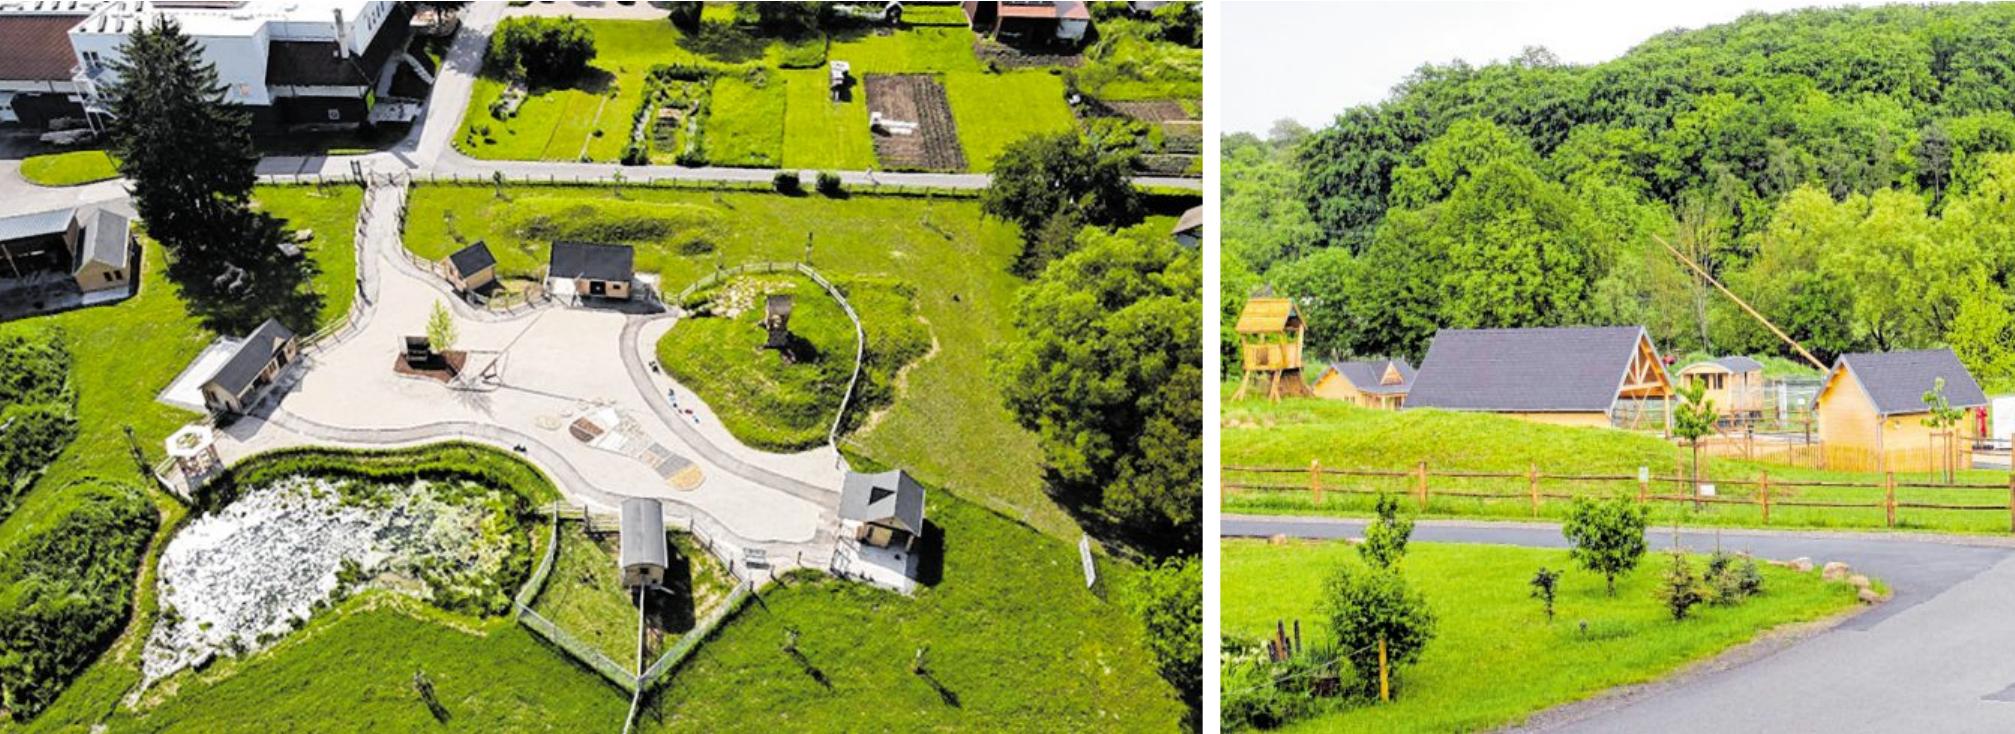 Als Erlebnislandschaft für kleine und große Entdecker stellt sich der neue Park dar. Dabei wurde auf nachhaltiges Bauen mit viel Holz geachtet.